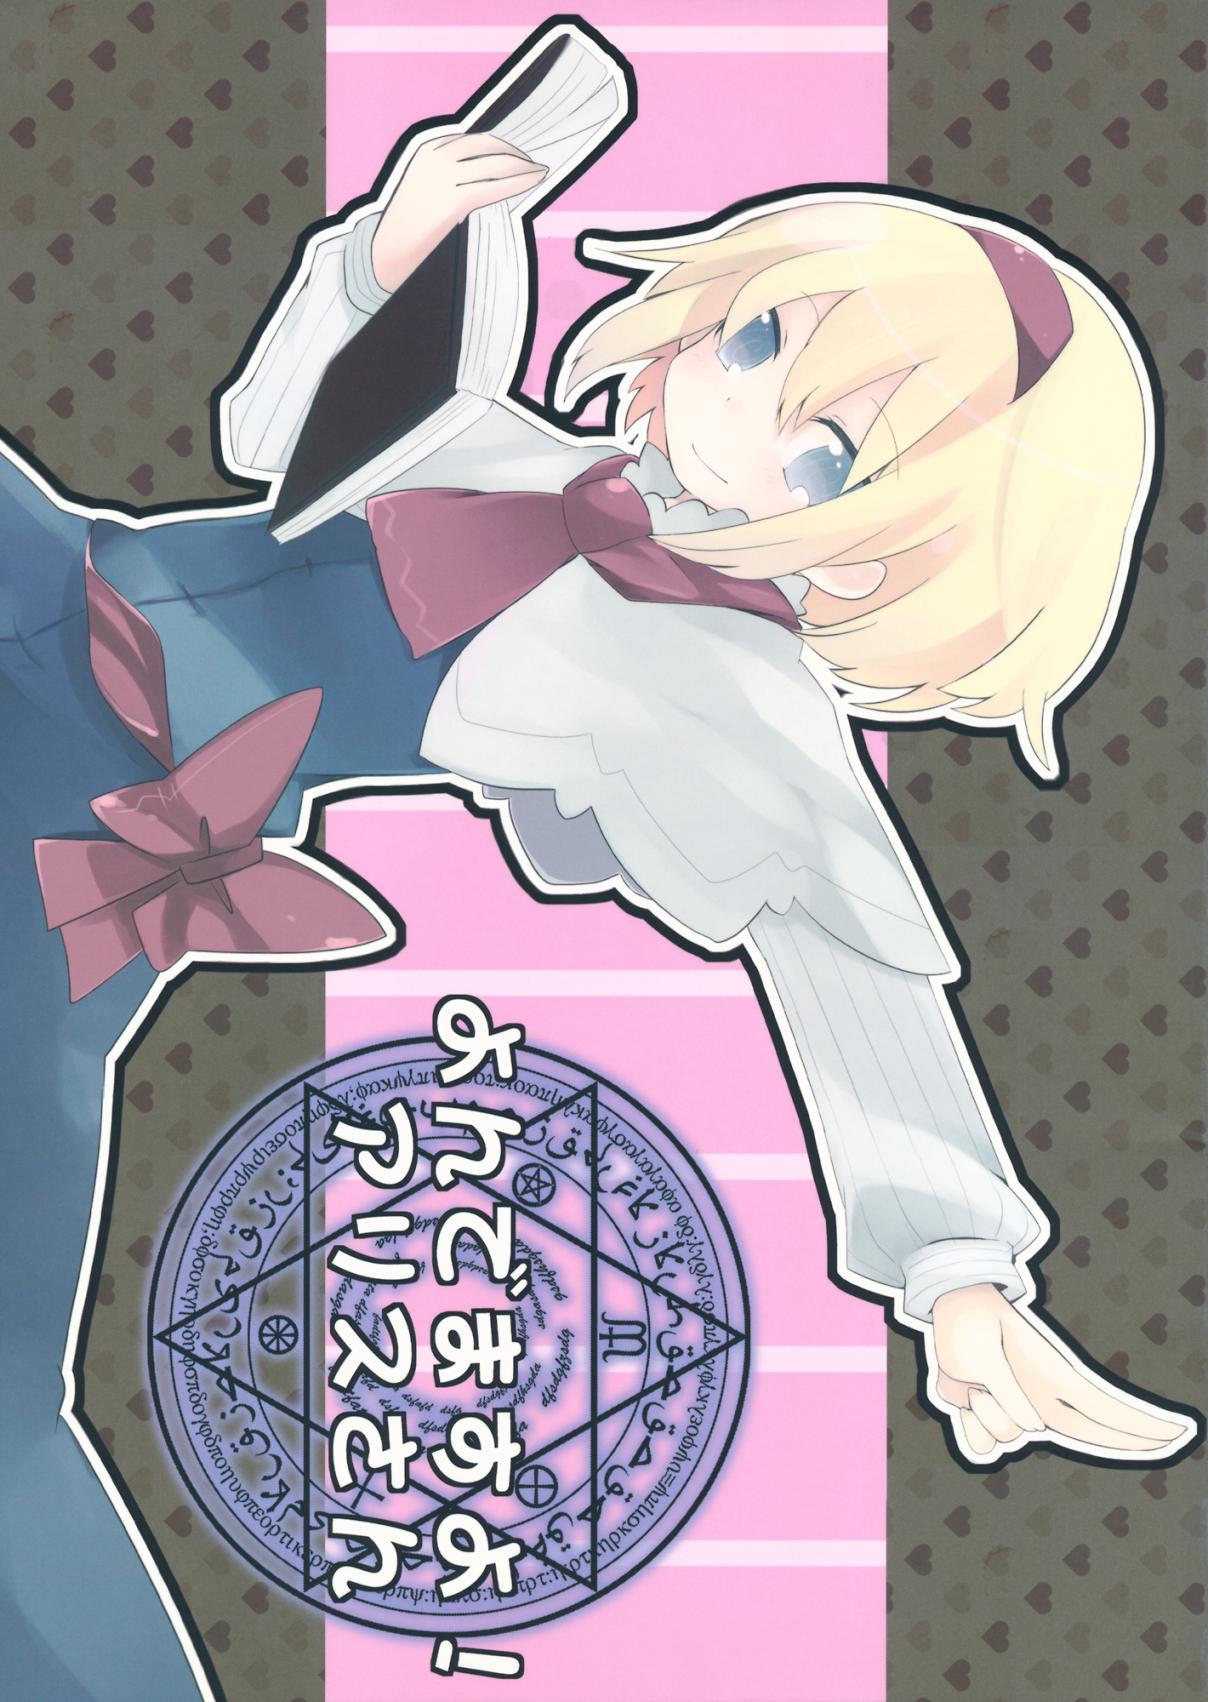 https://manga.mangadogs.com/comics/pic3/33/37345/1414276/d8b4cbcdeaa0e0c5d89b174b22d501f2.jpg Page 1